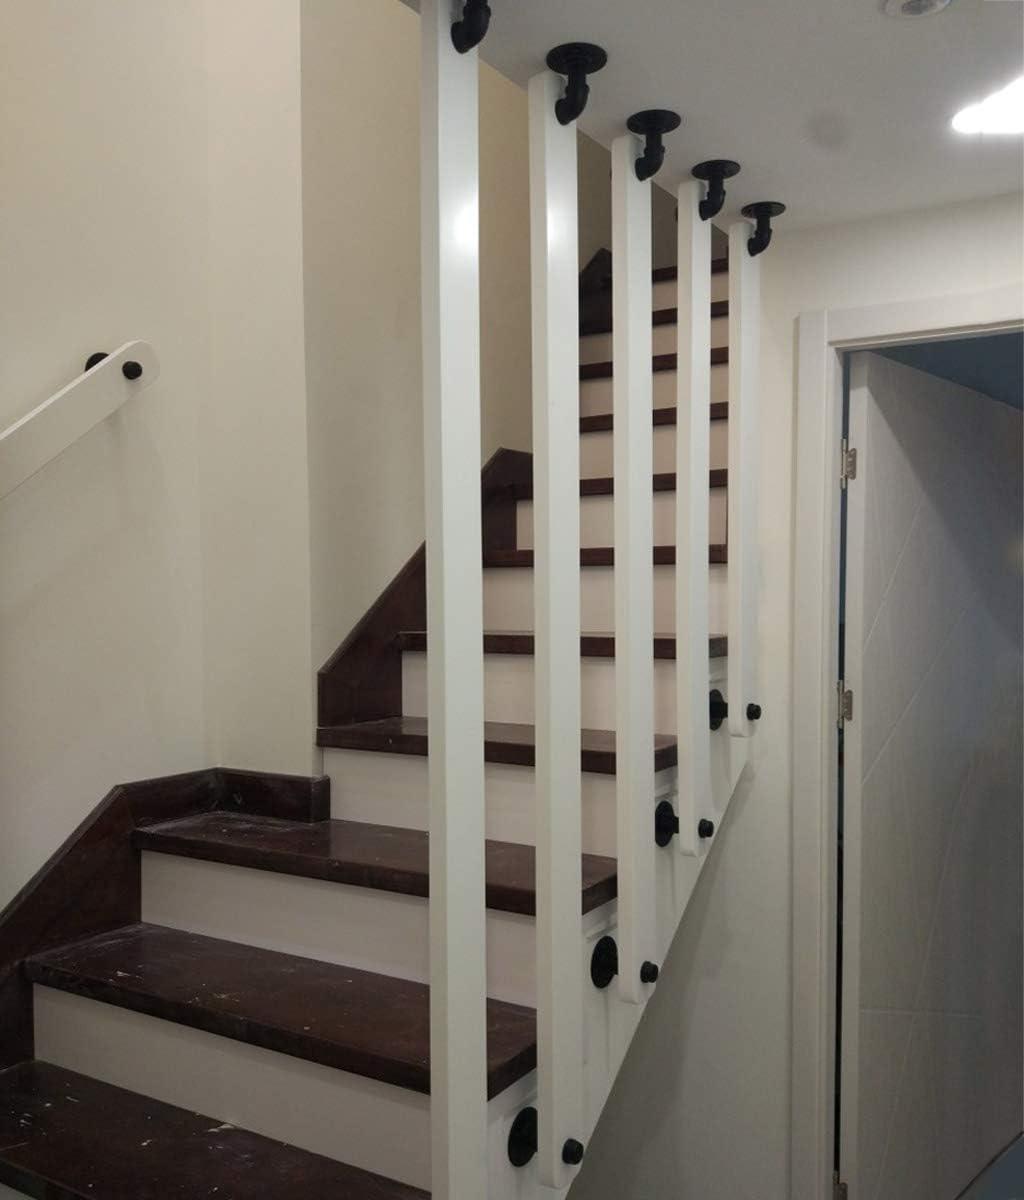 YUDE Barandilla de la escalera de Madera Maciza Antideslizante, barandilla Interior de Pino Blanco (envíenos Datos de tamaño específico después de la Compra): Amazon.es: Hogar